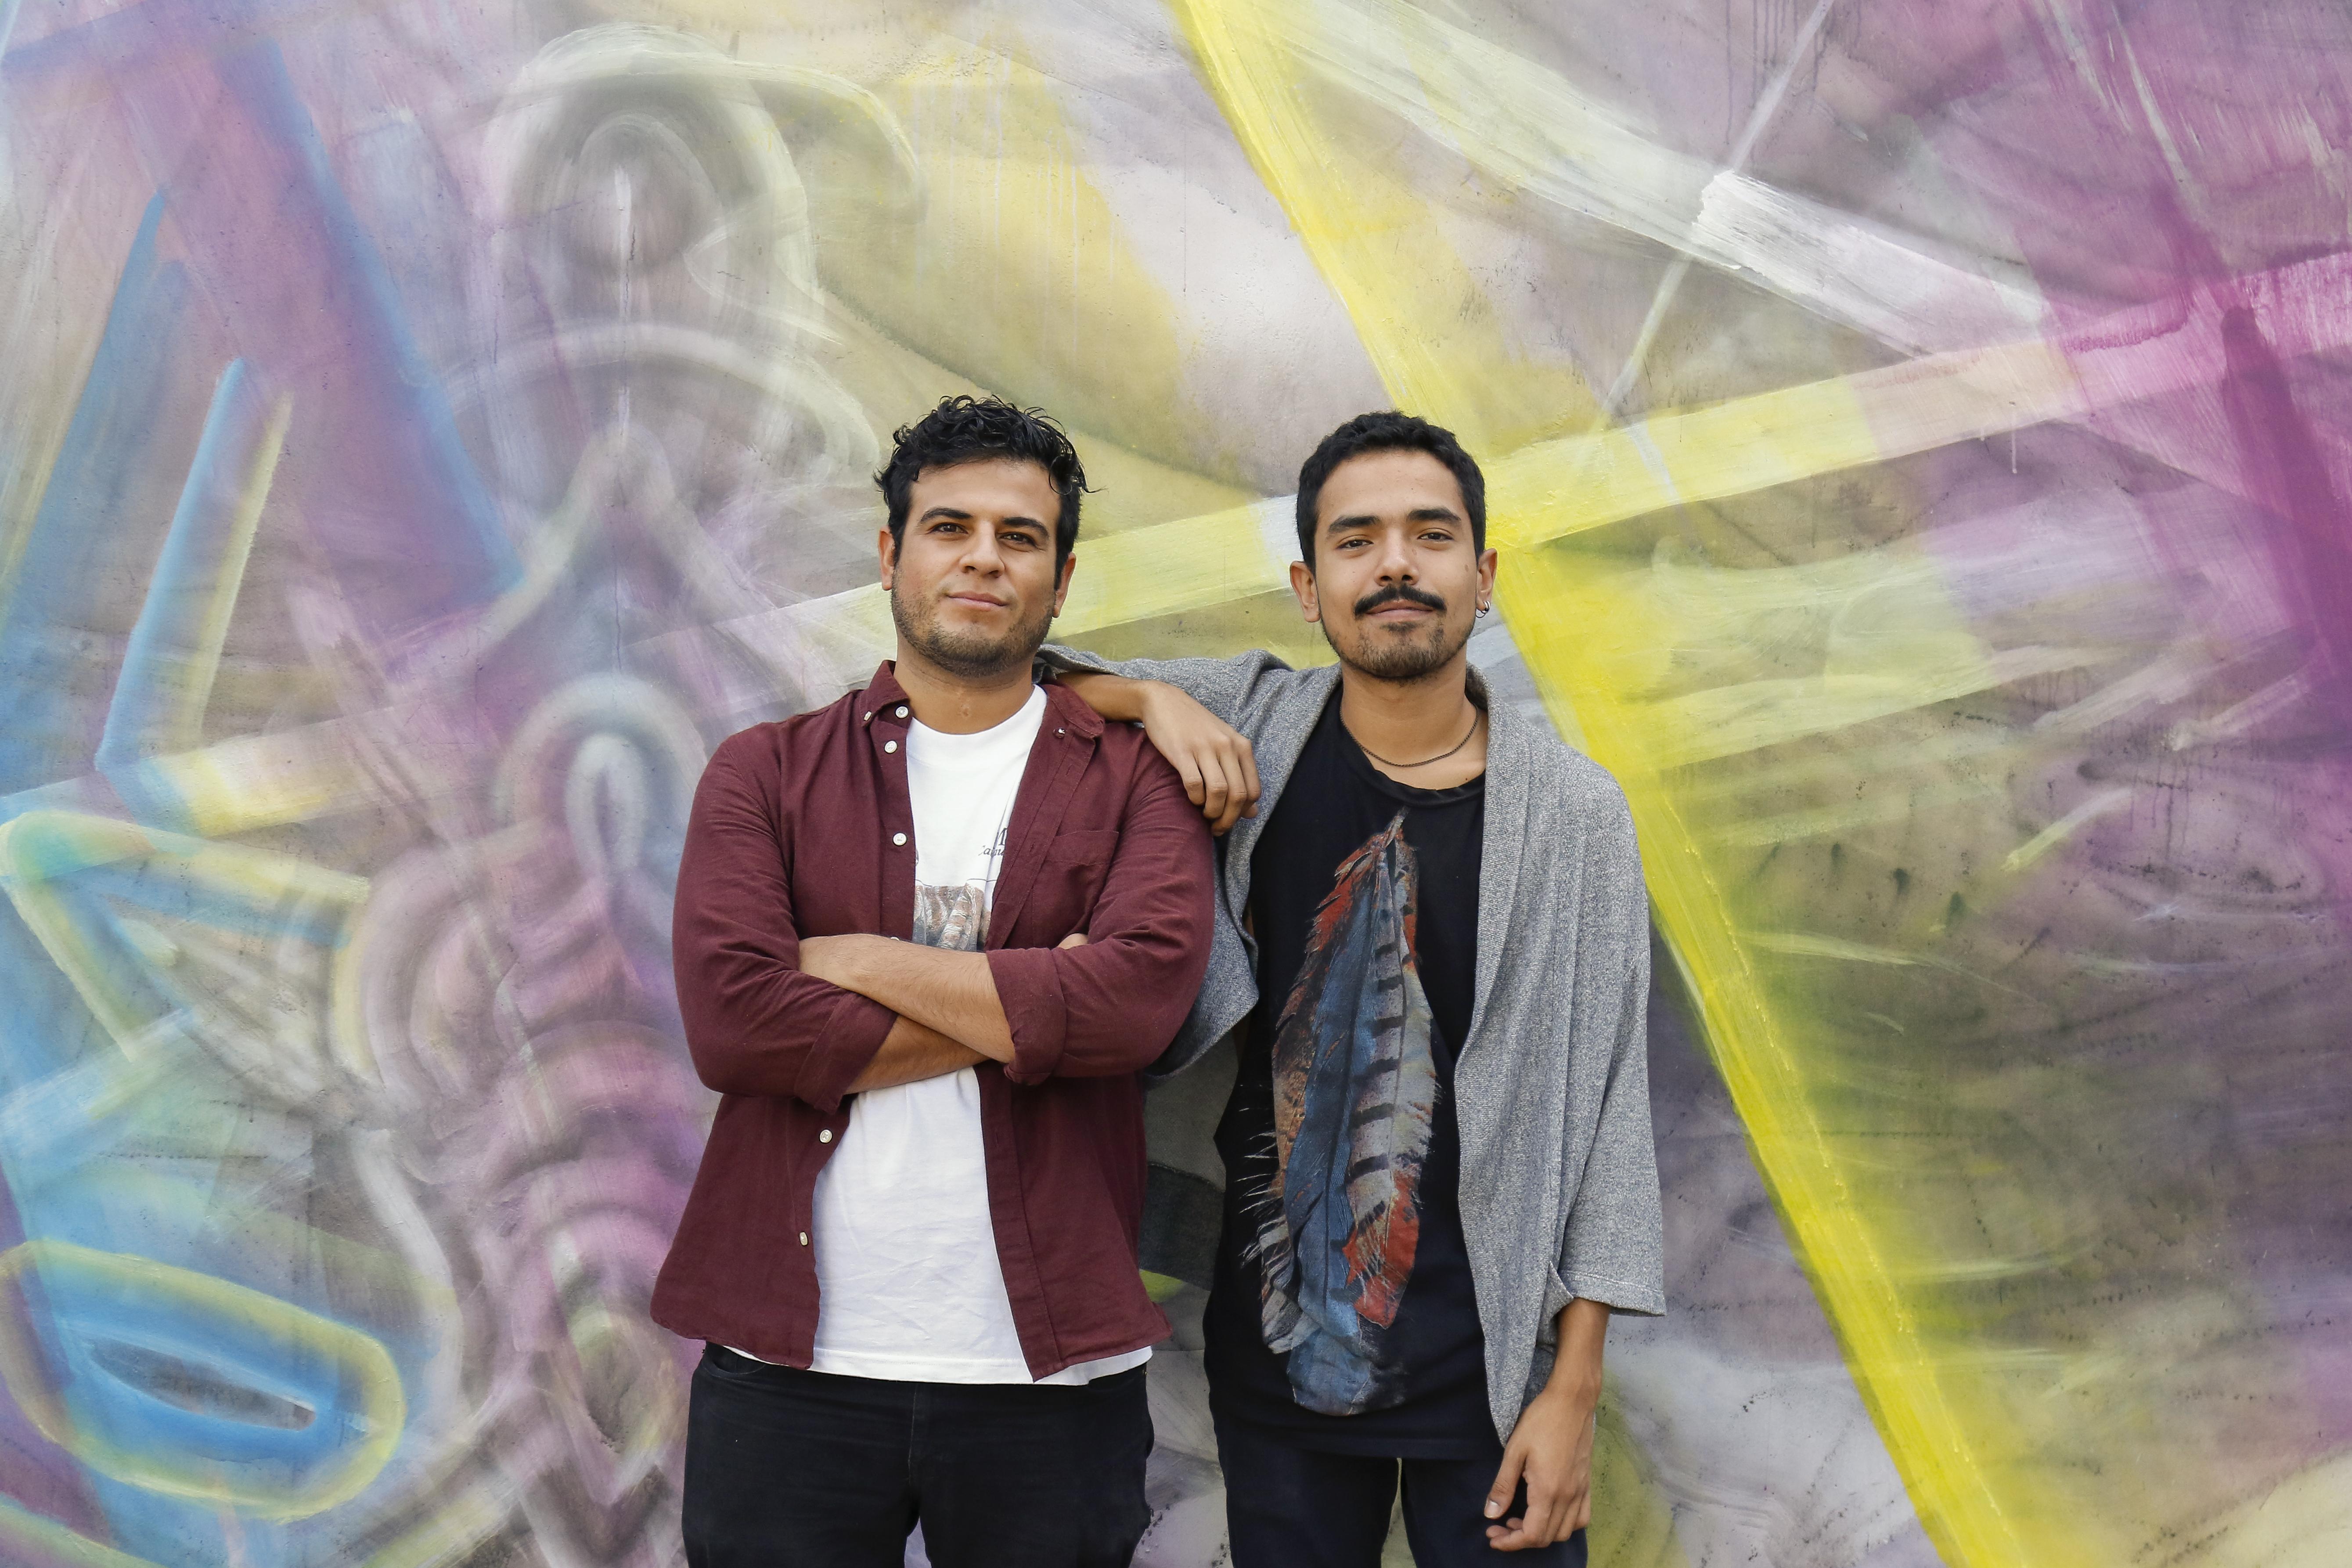 Omar Robles y José Permar creadores de documental Nominado para el oscar estudiantil.